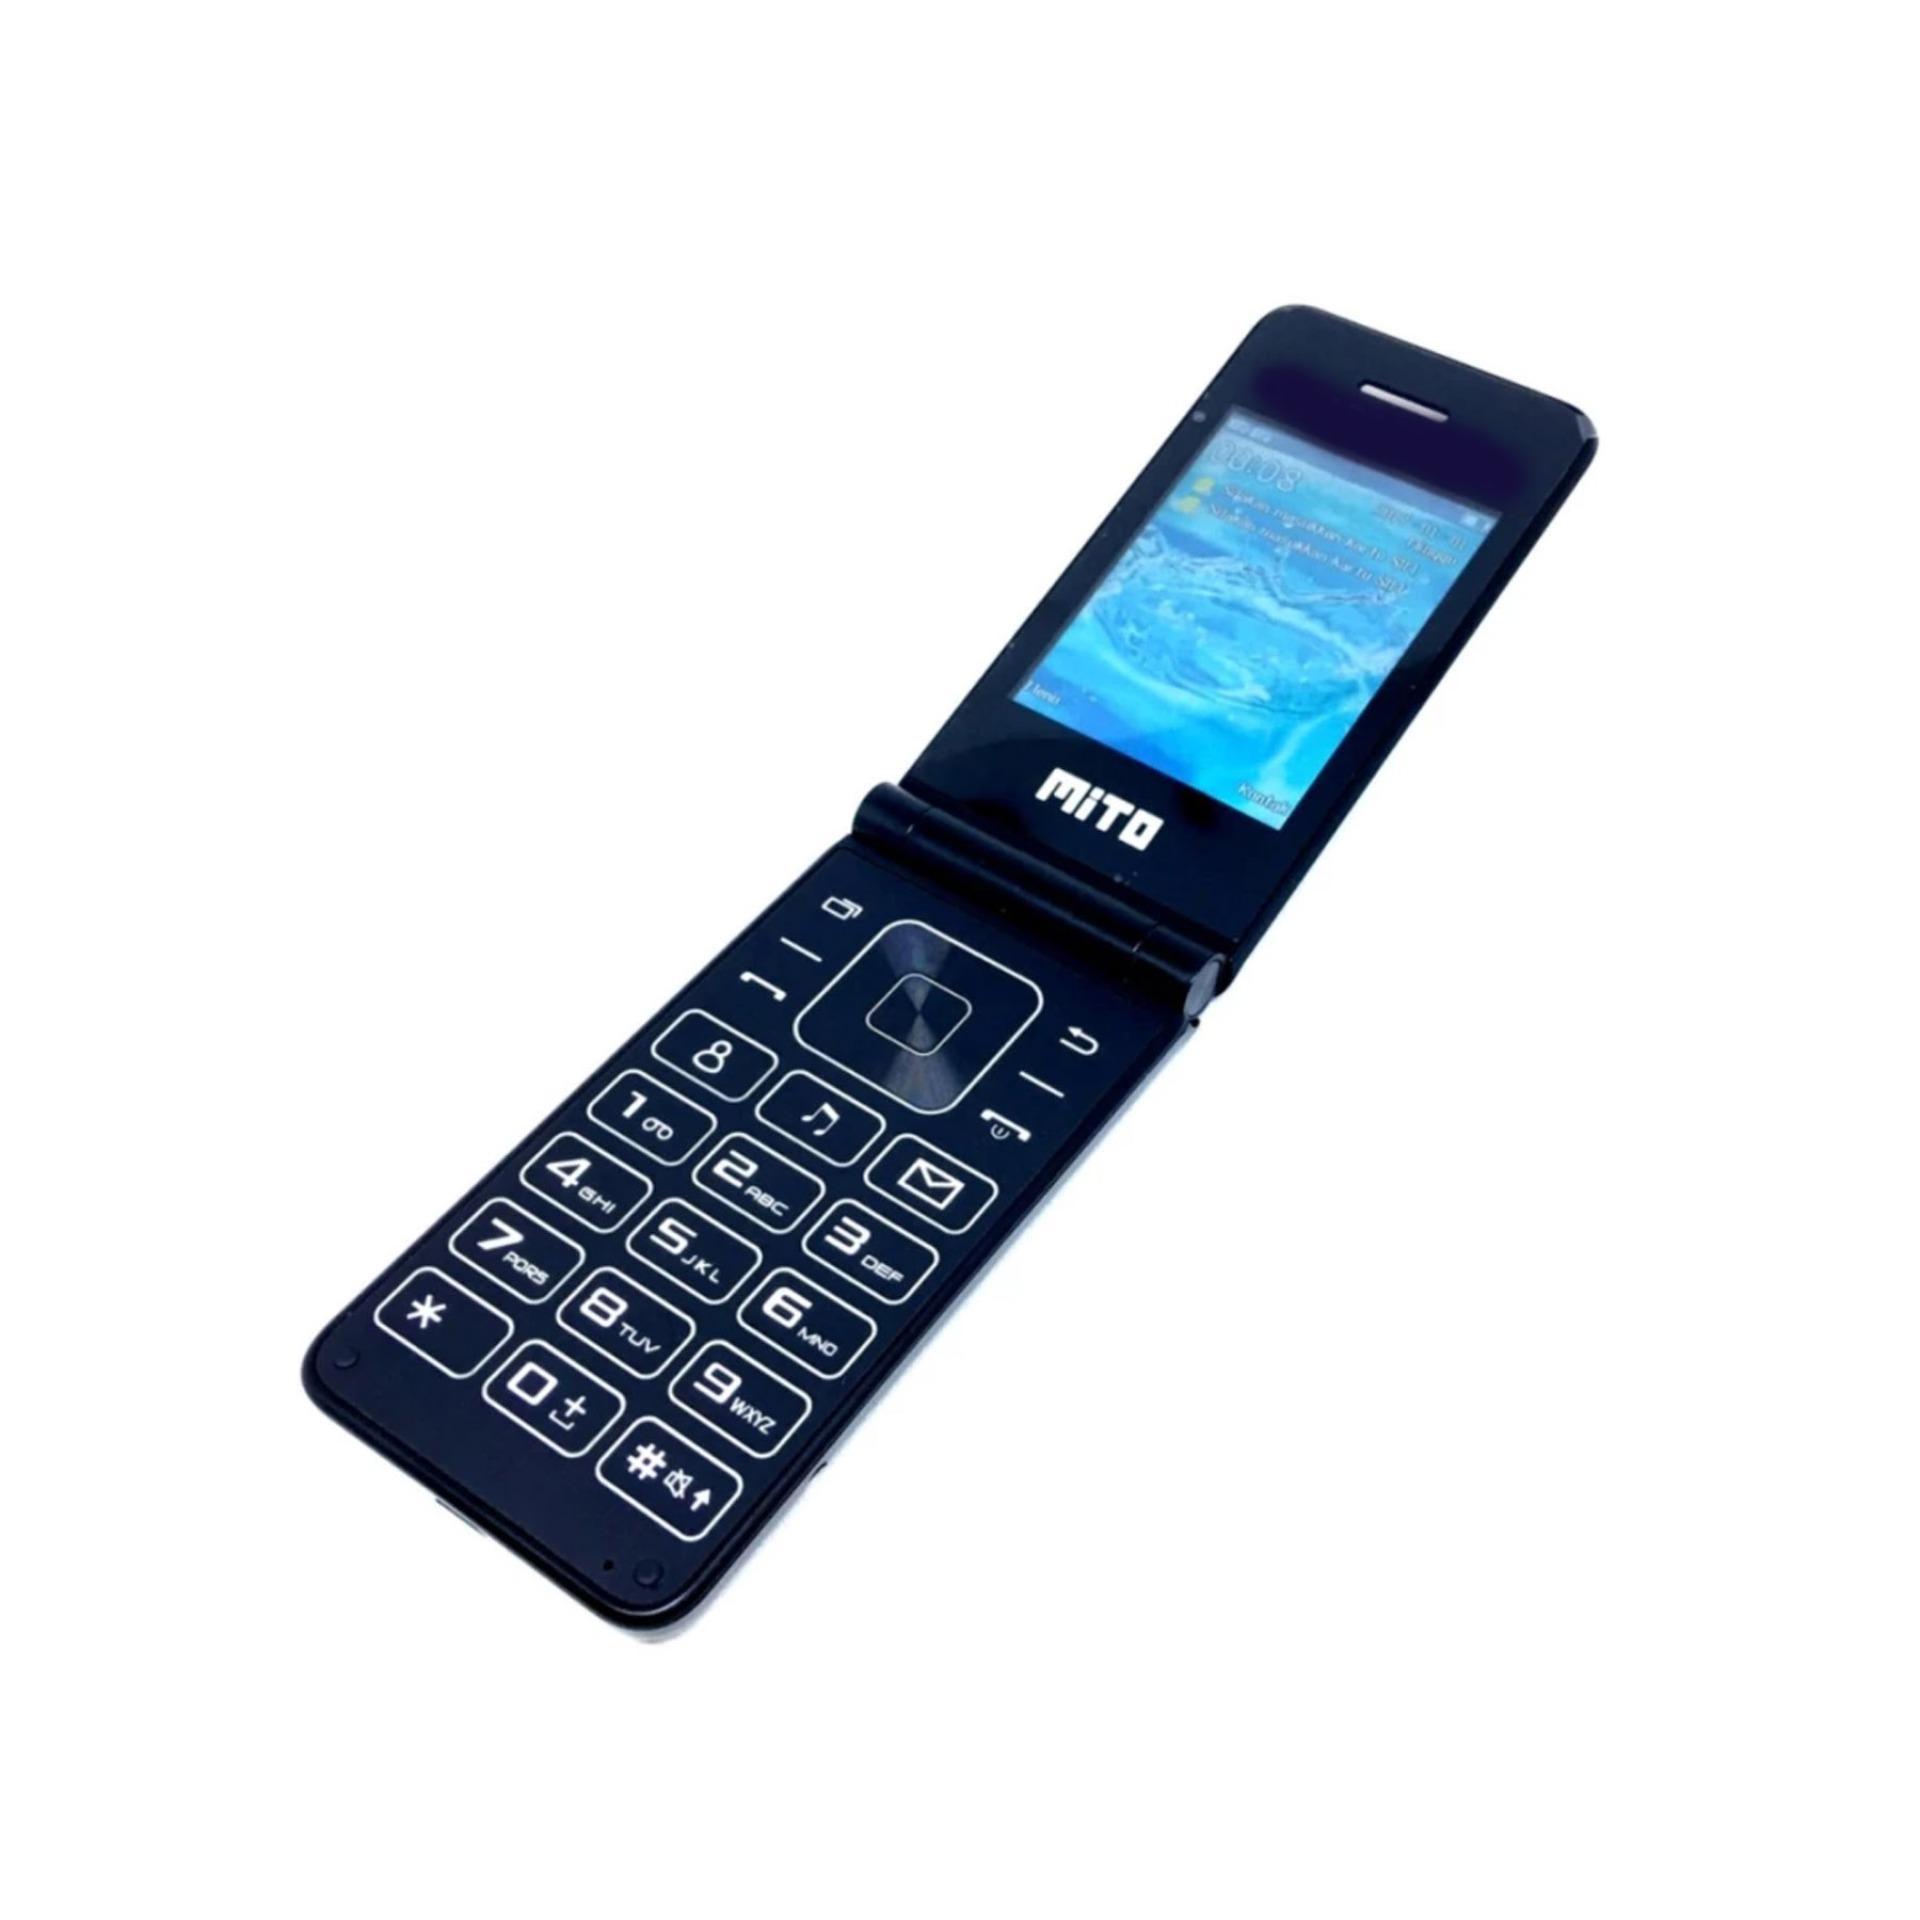 Mito 135 Handphone Hitam Daftar Harga Termurah Dan Terlengkap 199 Pda Indonesia Terkini Source